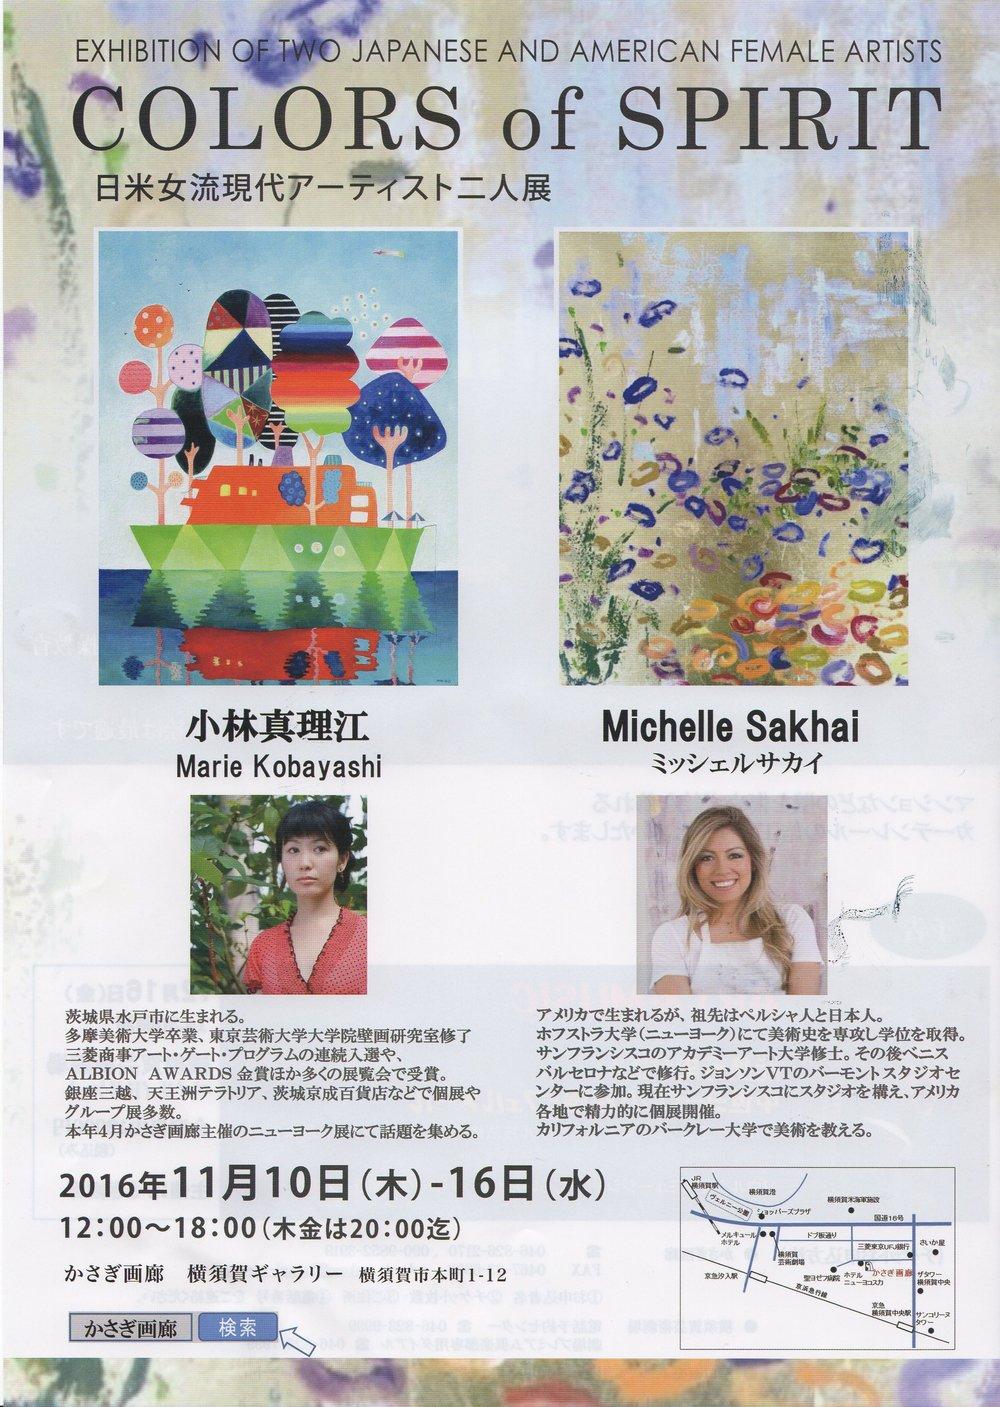 COLORS OF SPIRIT - Two person exhibitionOn view November 19-30, 2016Gallery Kasagi, Japan1-12 Honcho, Yokosuka-ish, Kanagawa Prefecture, Japan